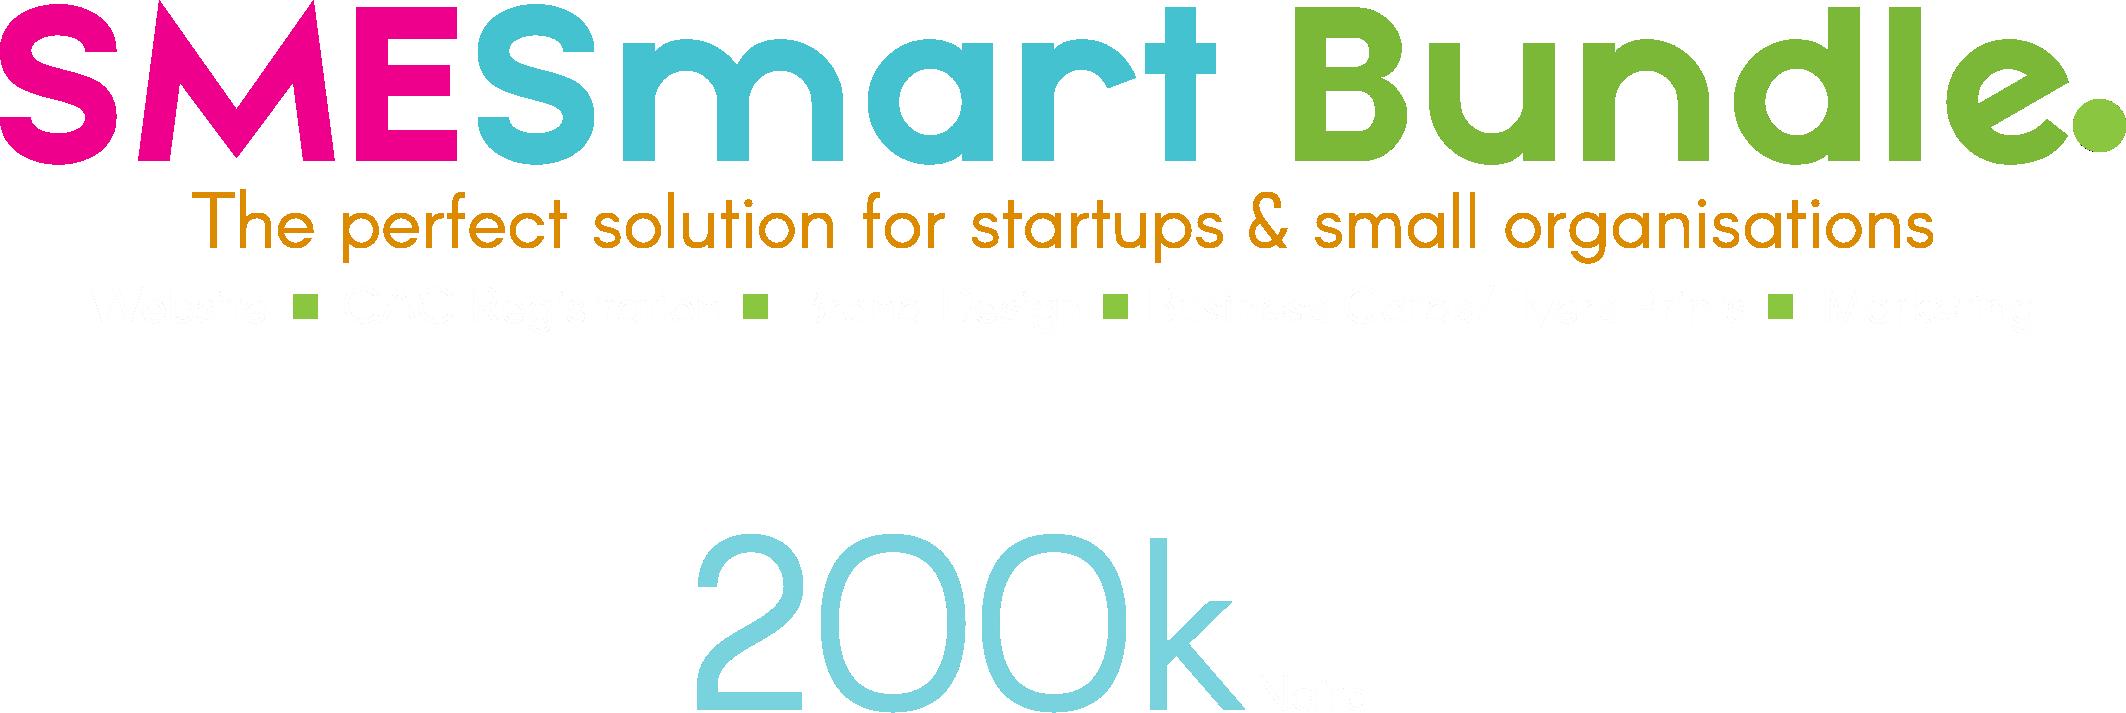 SME Smart Bundle text